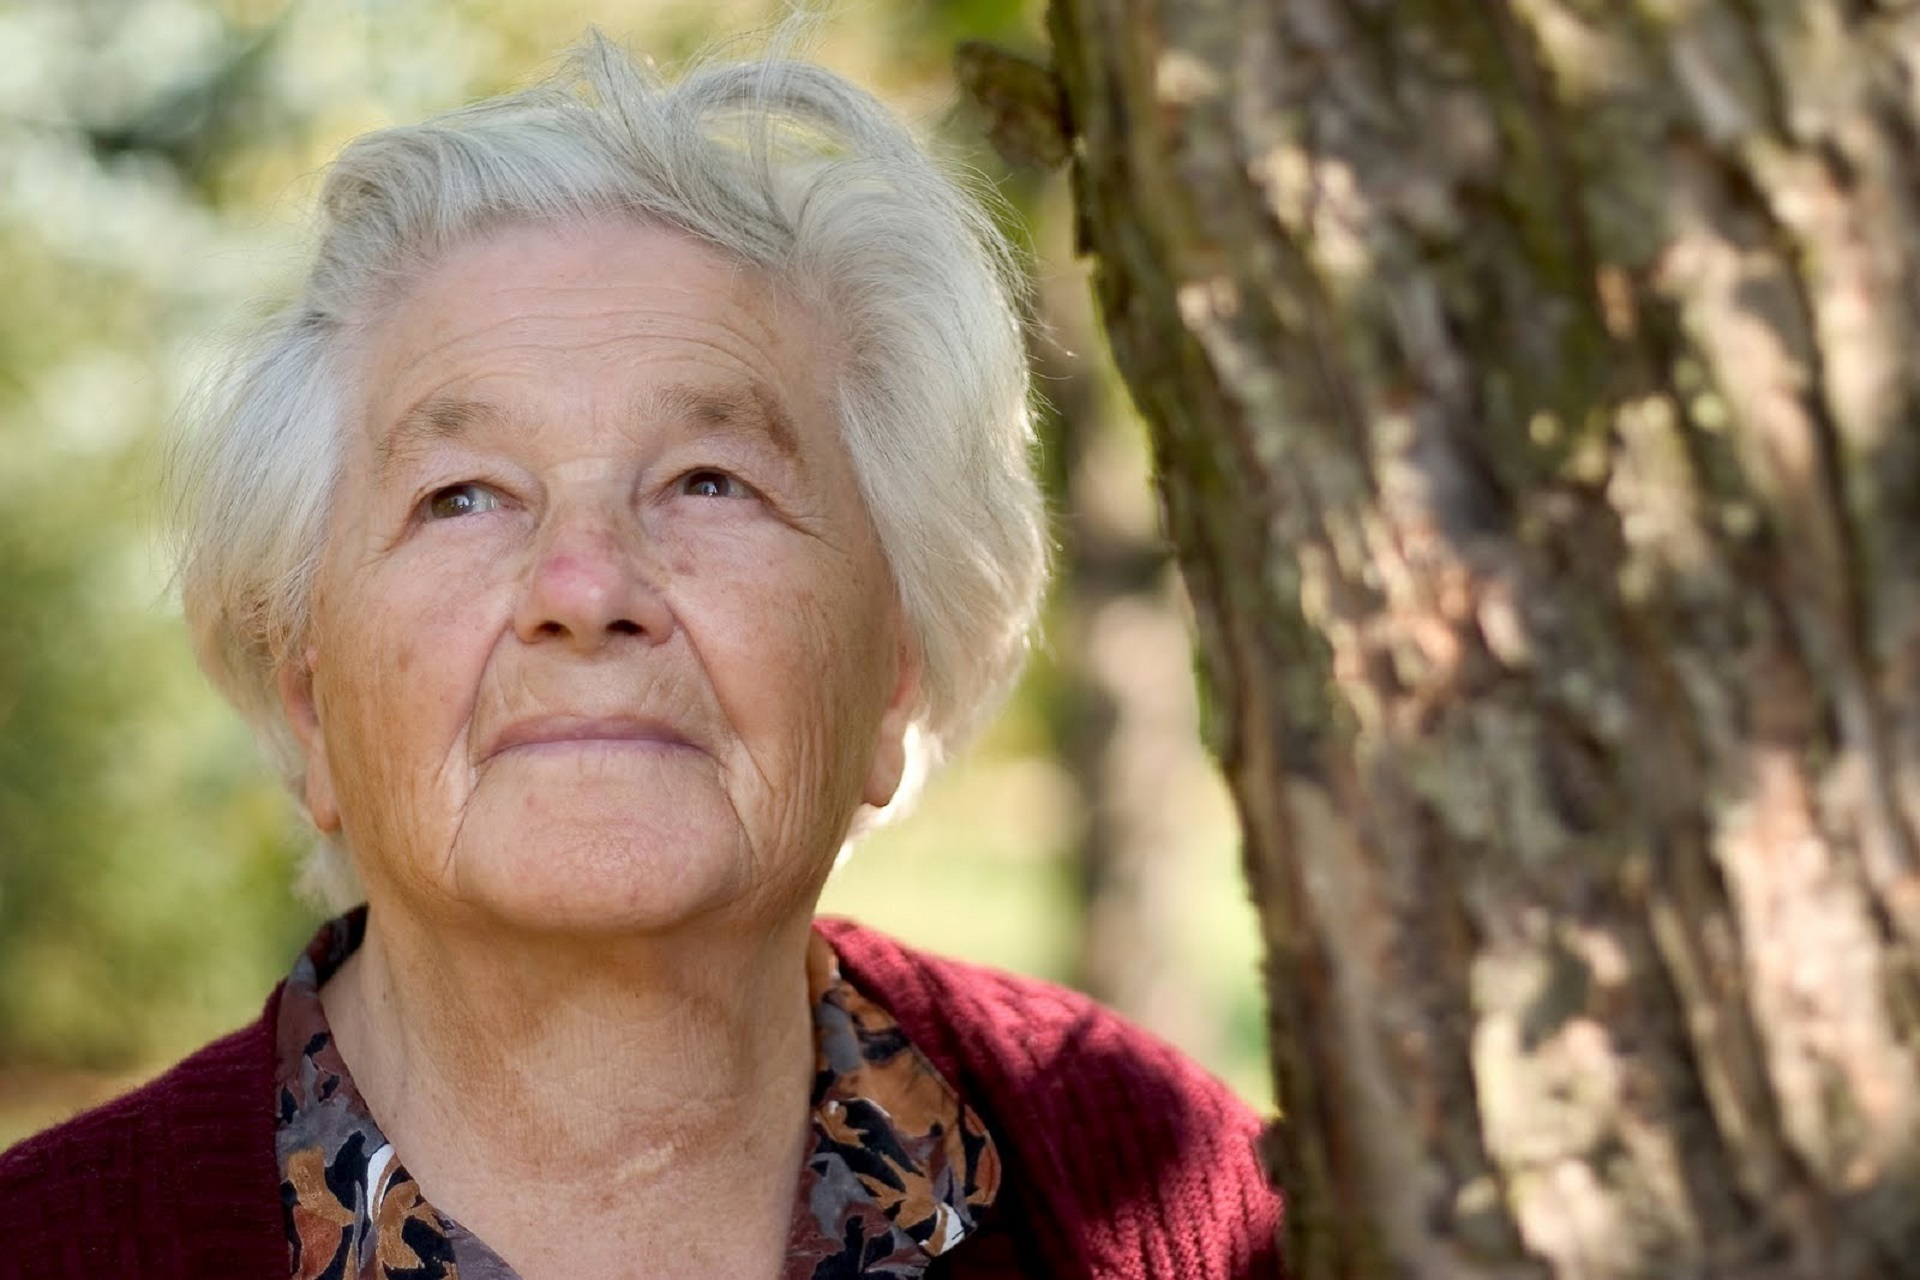 Пожилые дамы видео высокое качество